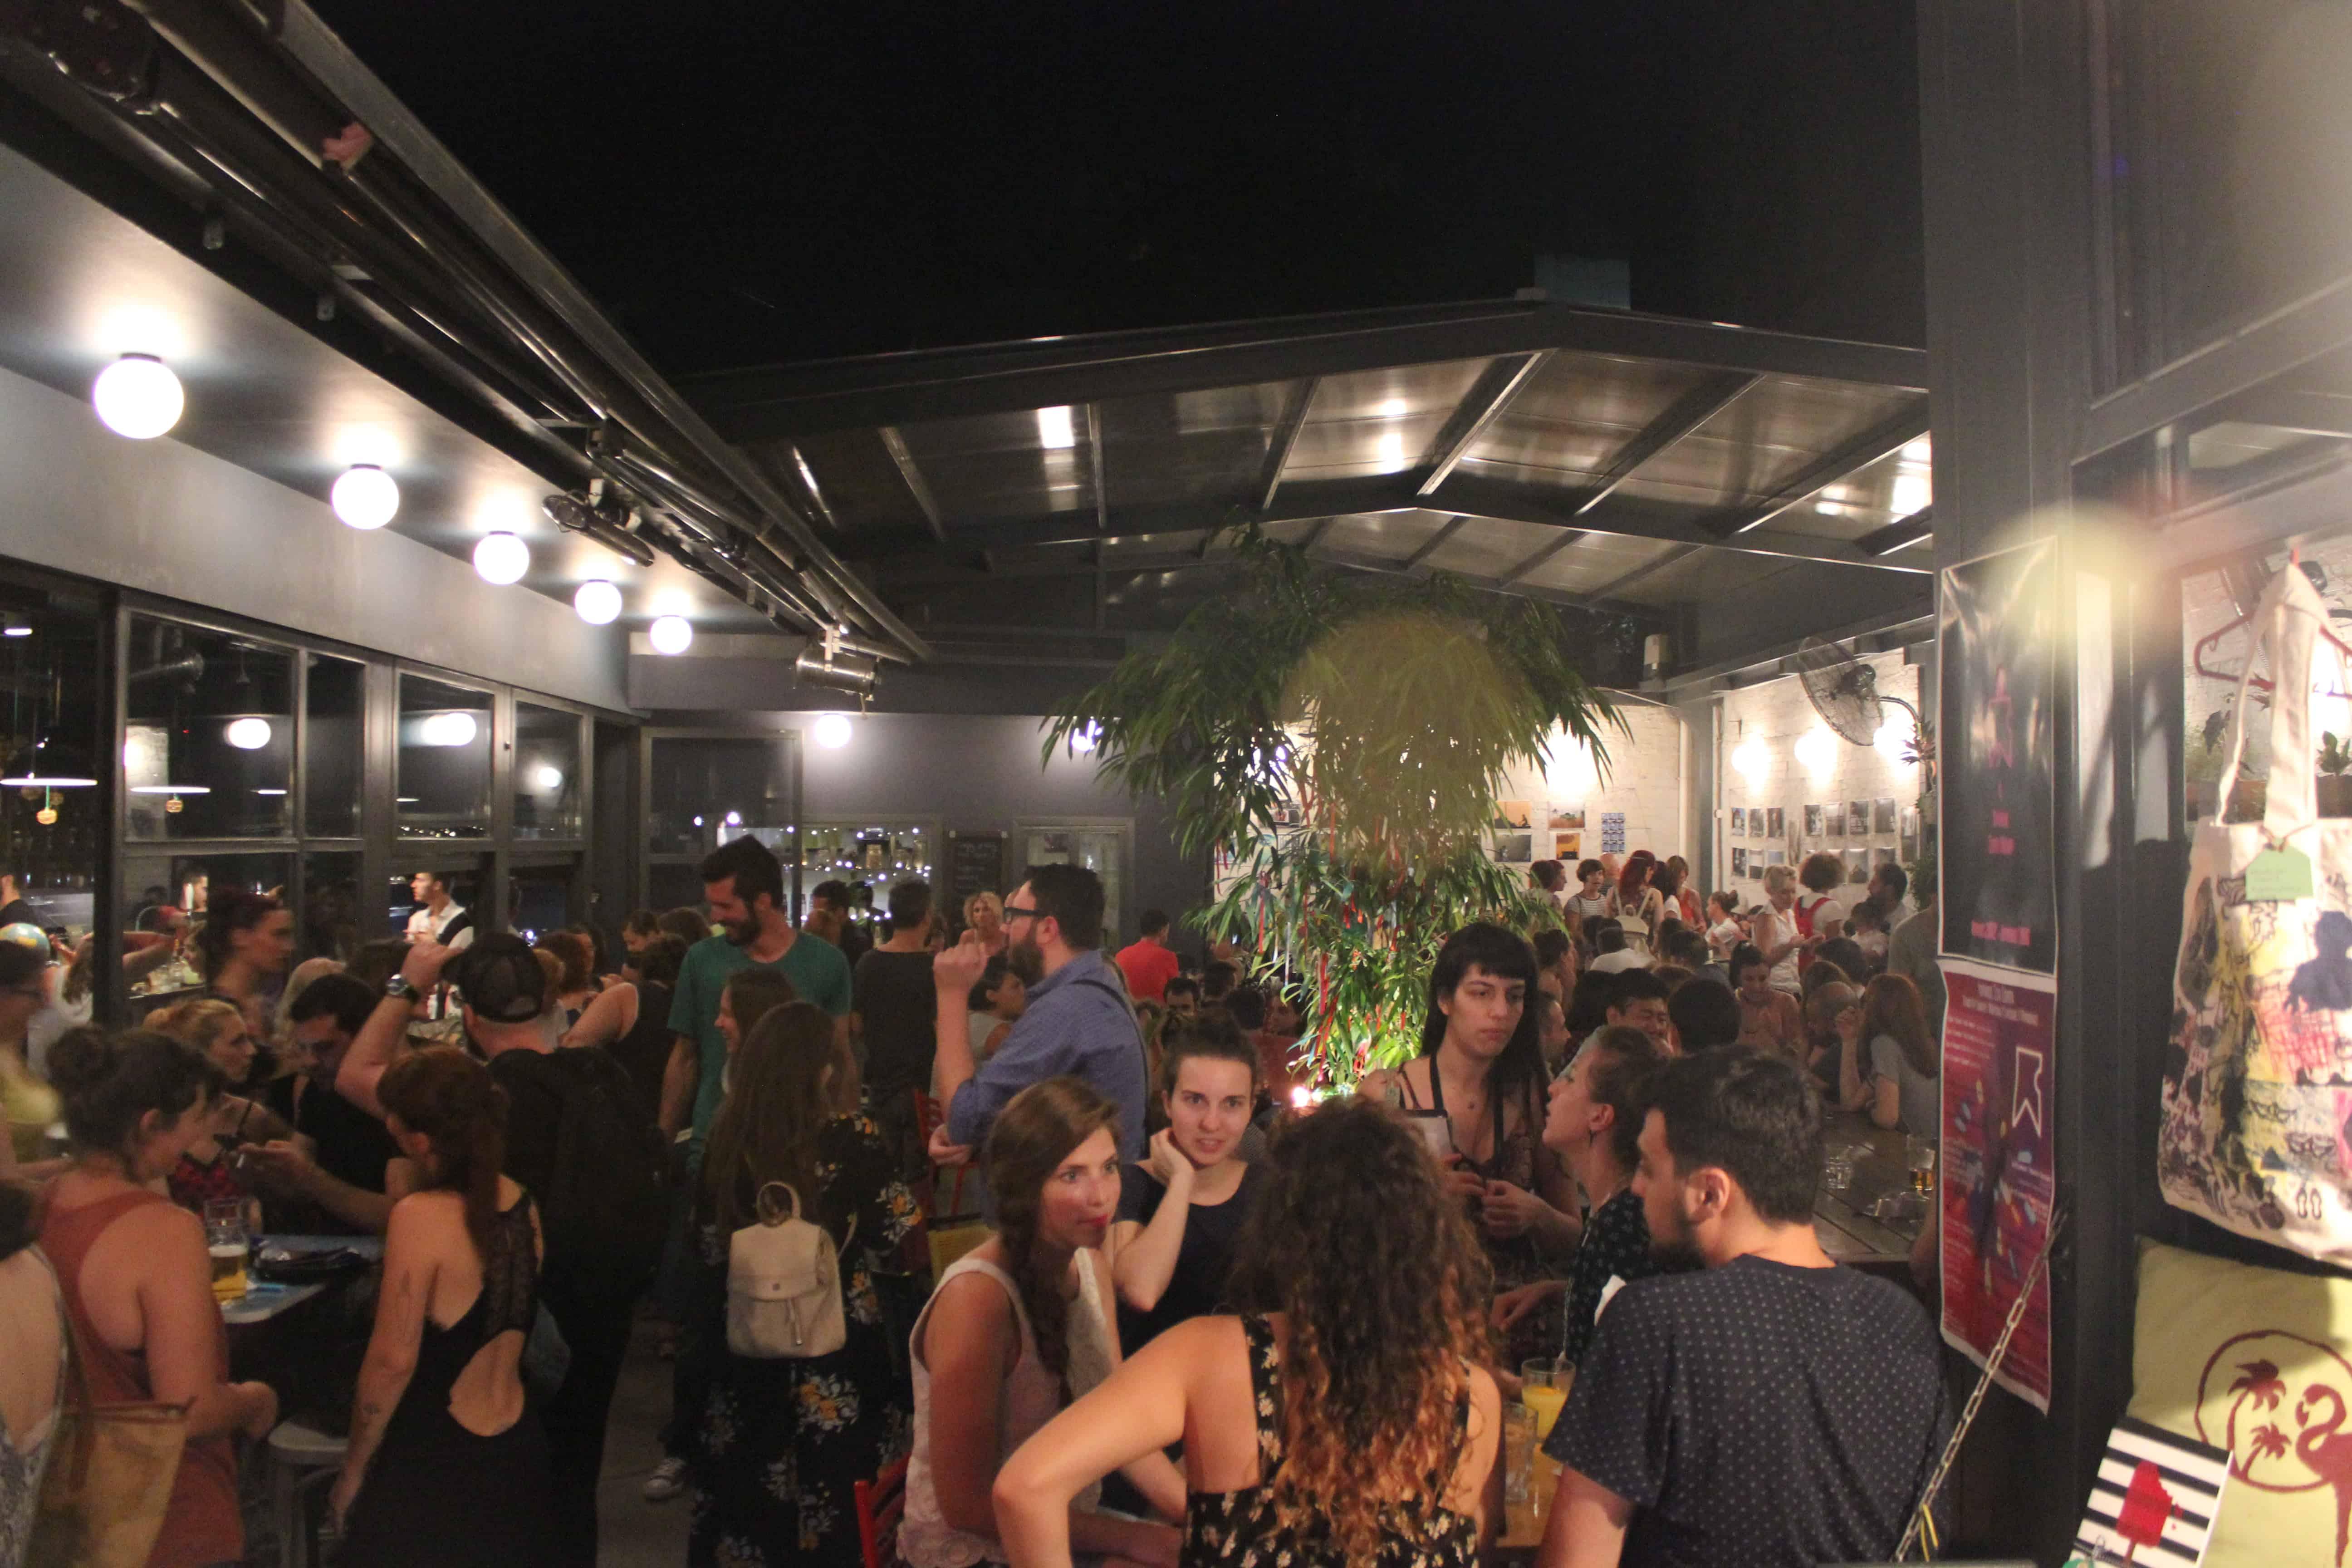 Το Σπίρτο: Καλλιτεχνικό εργαστήρι για μουσική, εικαστικά και μοντέρνες τέχνες 7